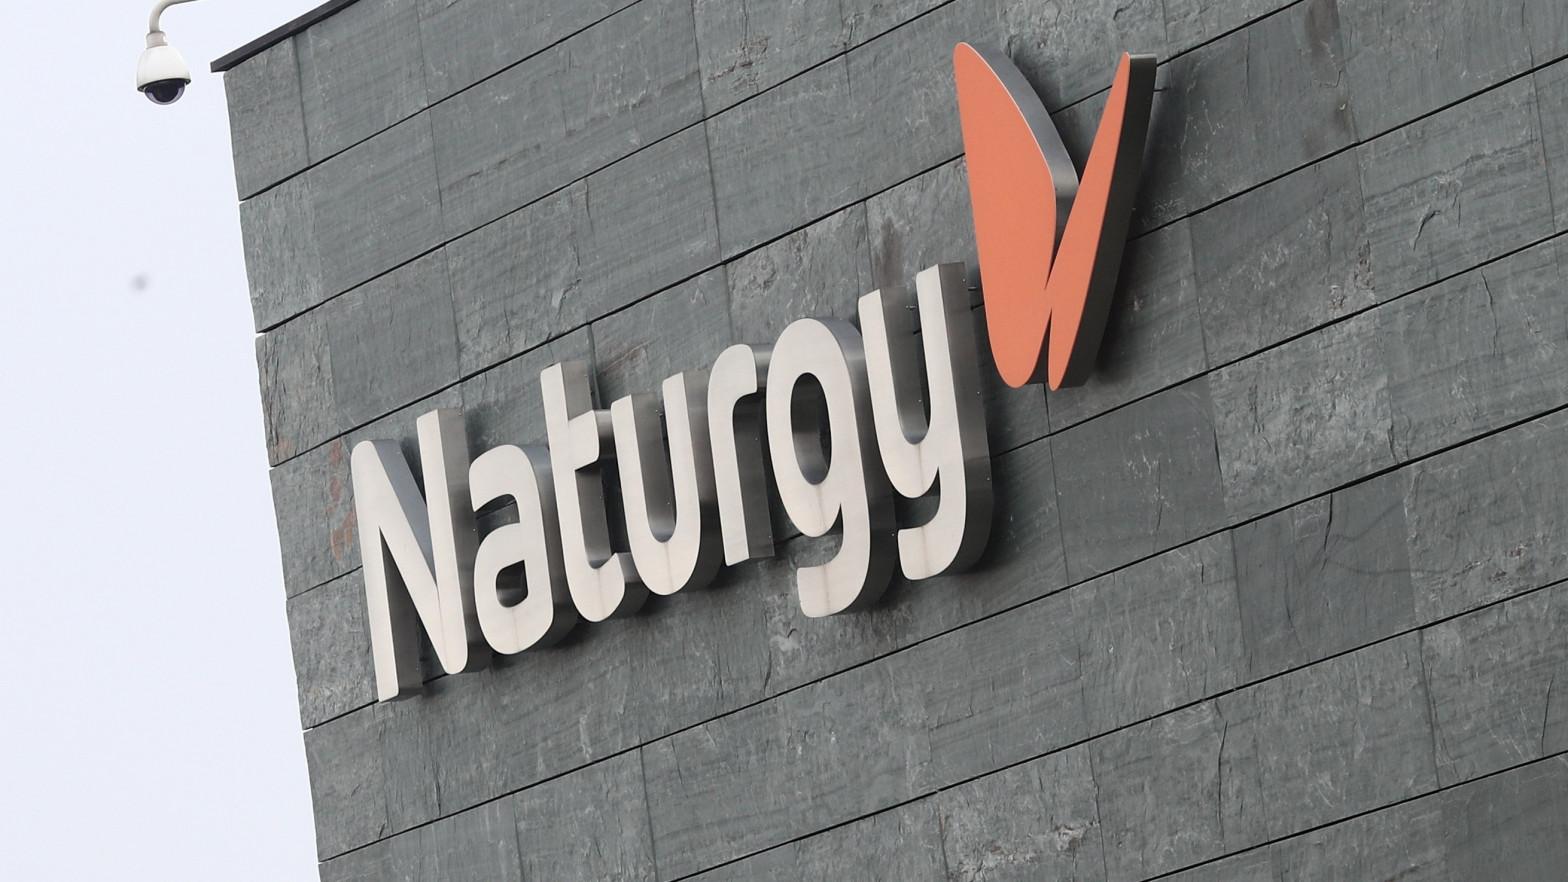 Norges Bank irrumpe en el capital de Naturgy con una participación del 1,14% en plena OPA parcial de IFM